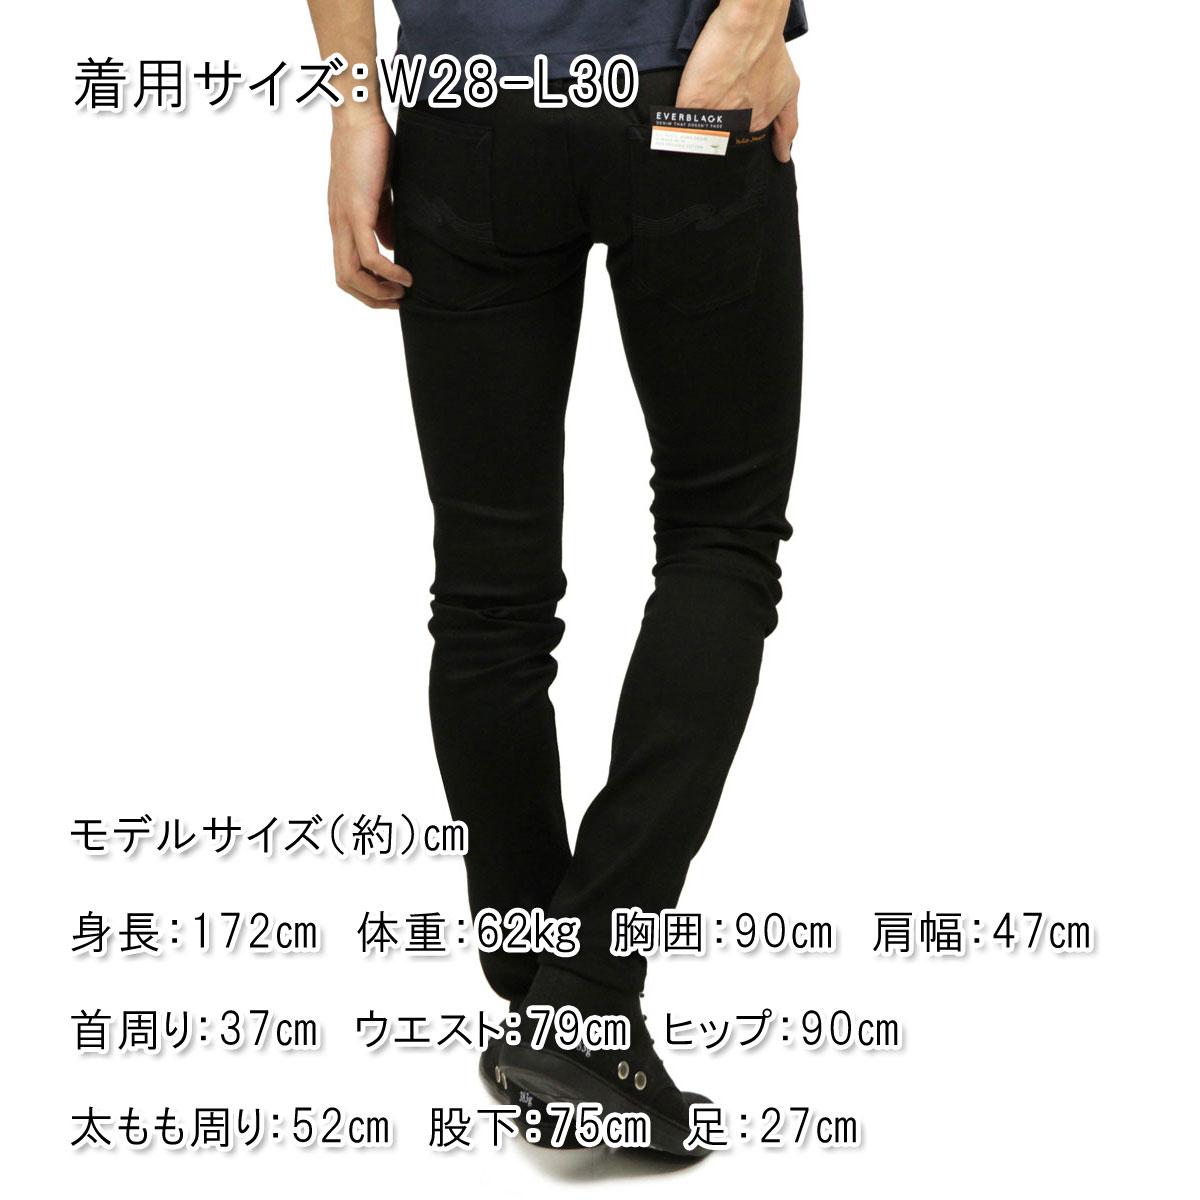 ヌーディージーンズ ジーンズ メンズ 正規販売店 Nudie Jeans ジーパン  シンフィン THIN FINN JEANS DRY EVER BLACK 792 1126940 A62B B1C C2D D1E E13F